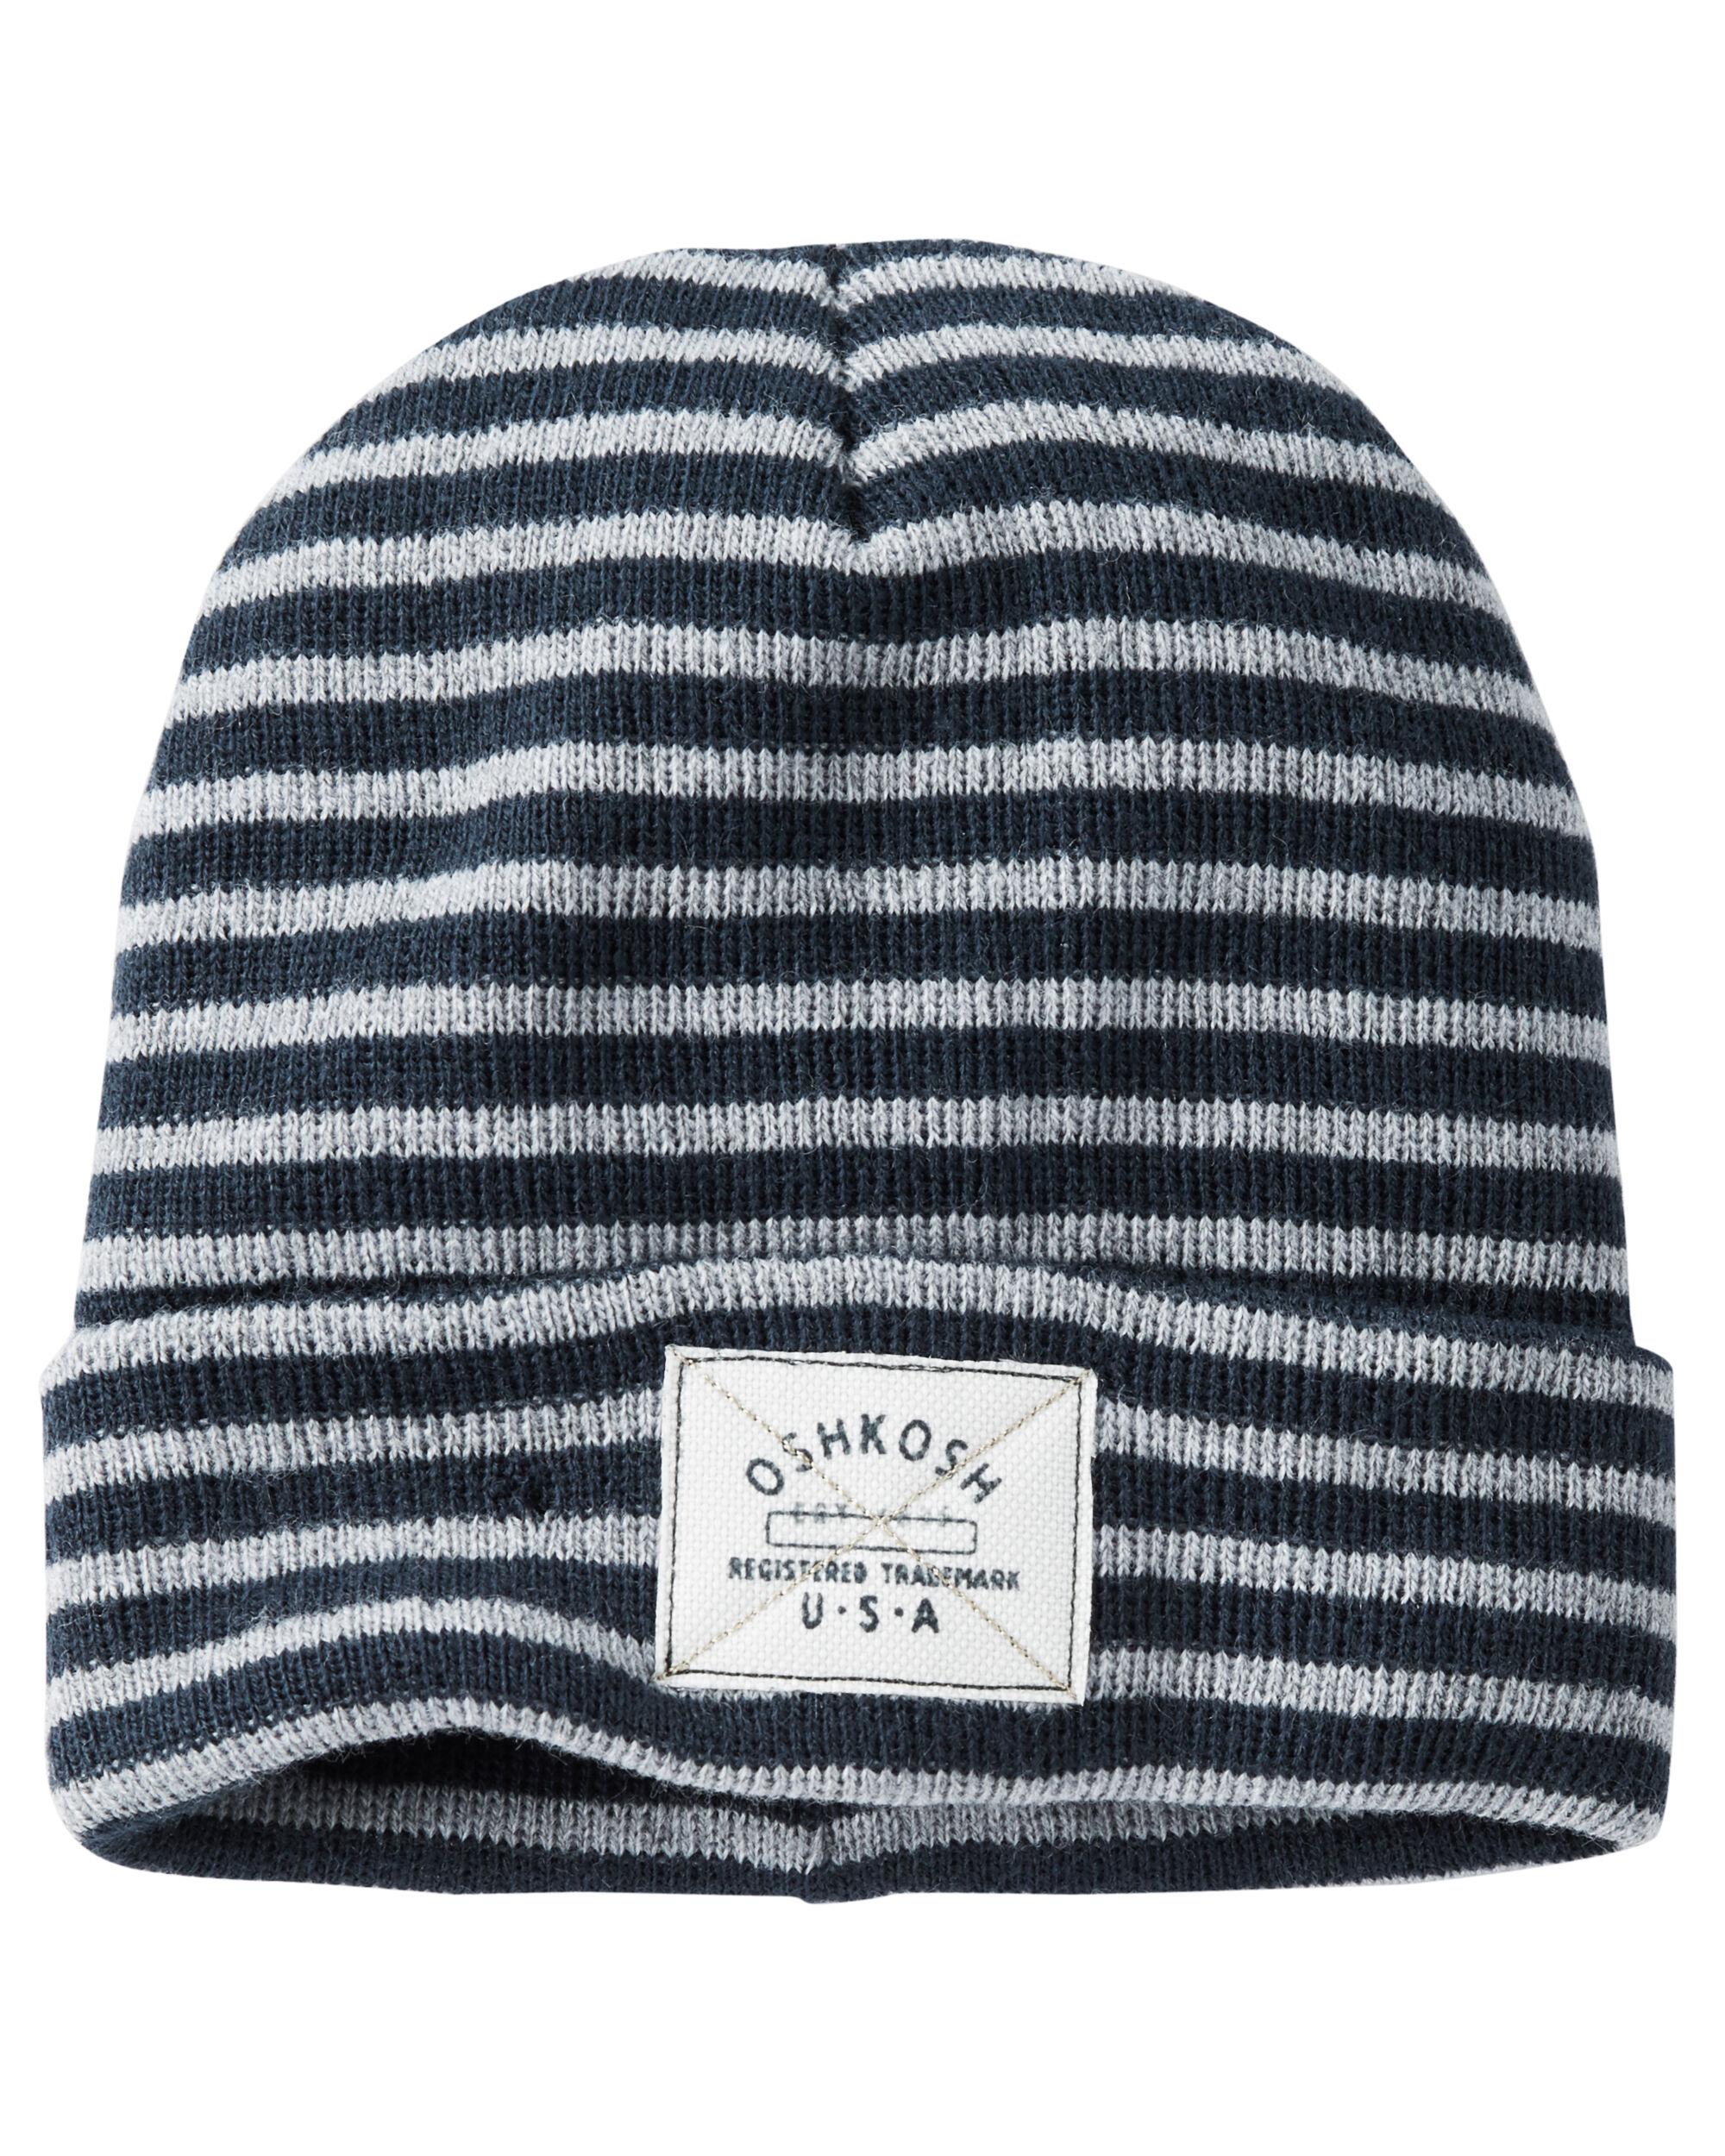 8d73f3ad81194 Wholesale Hats (Bulk Purchase) - Village Hat Shop